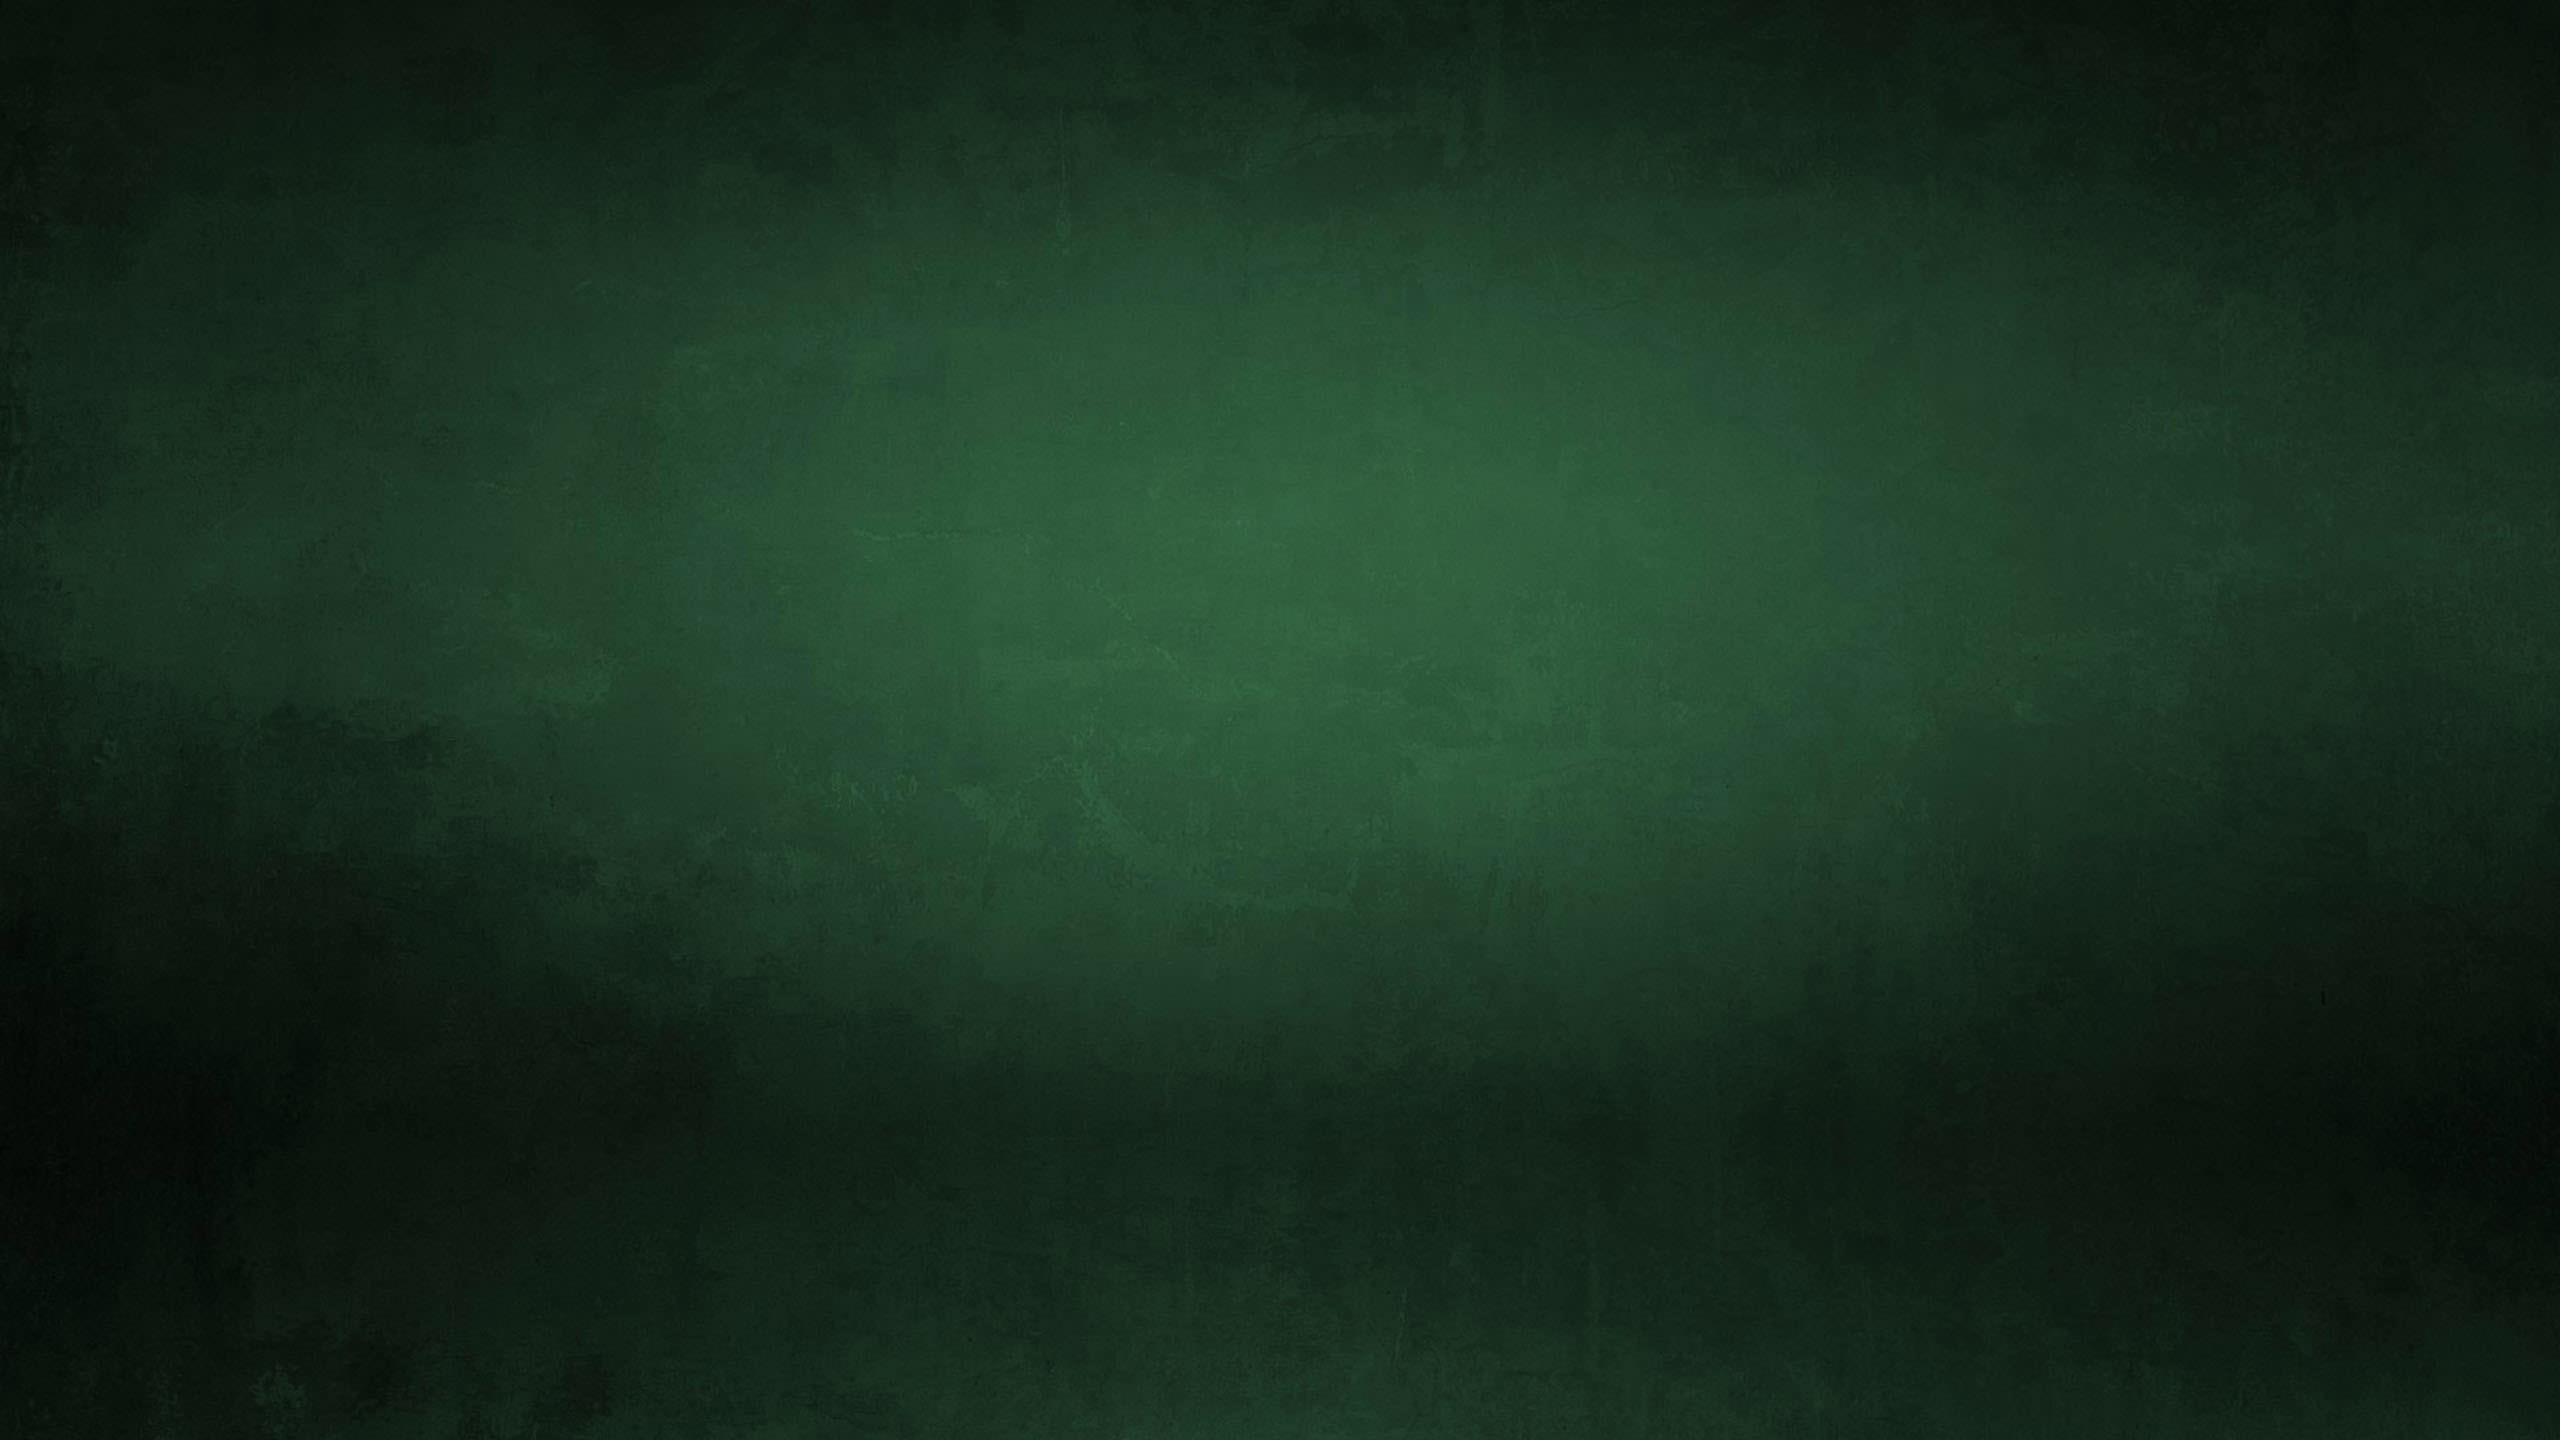 Dark Green Grunge Wallpaper Background #6146